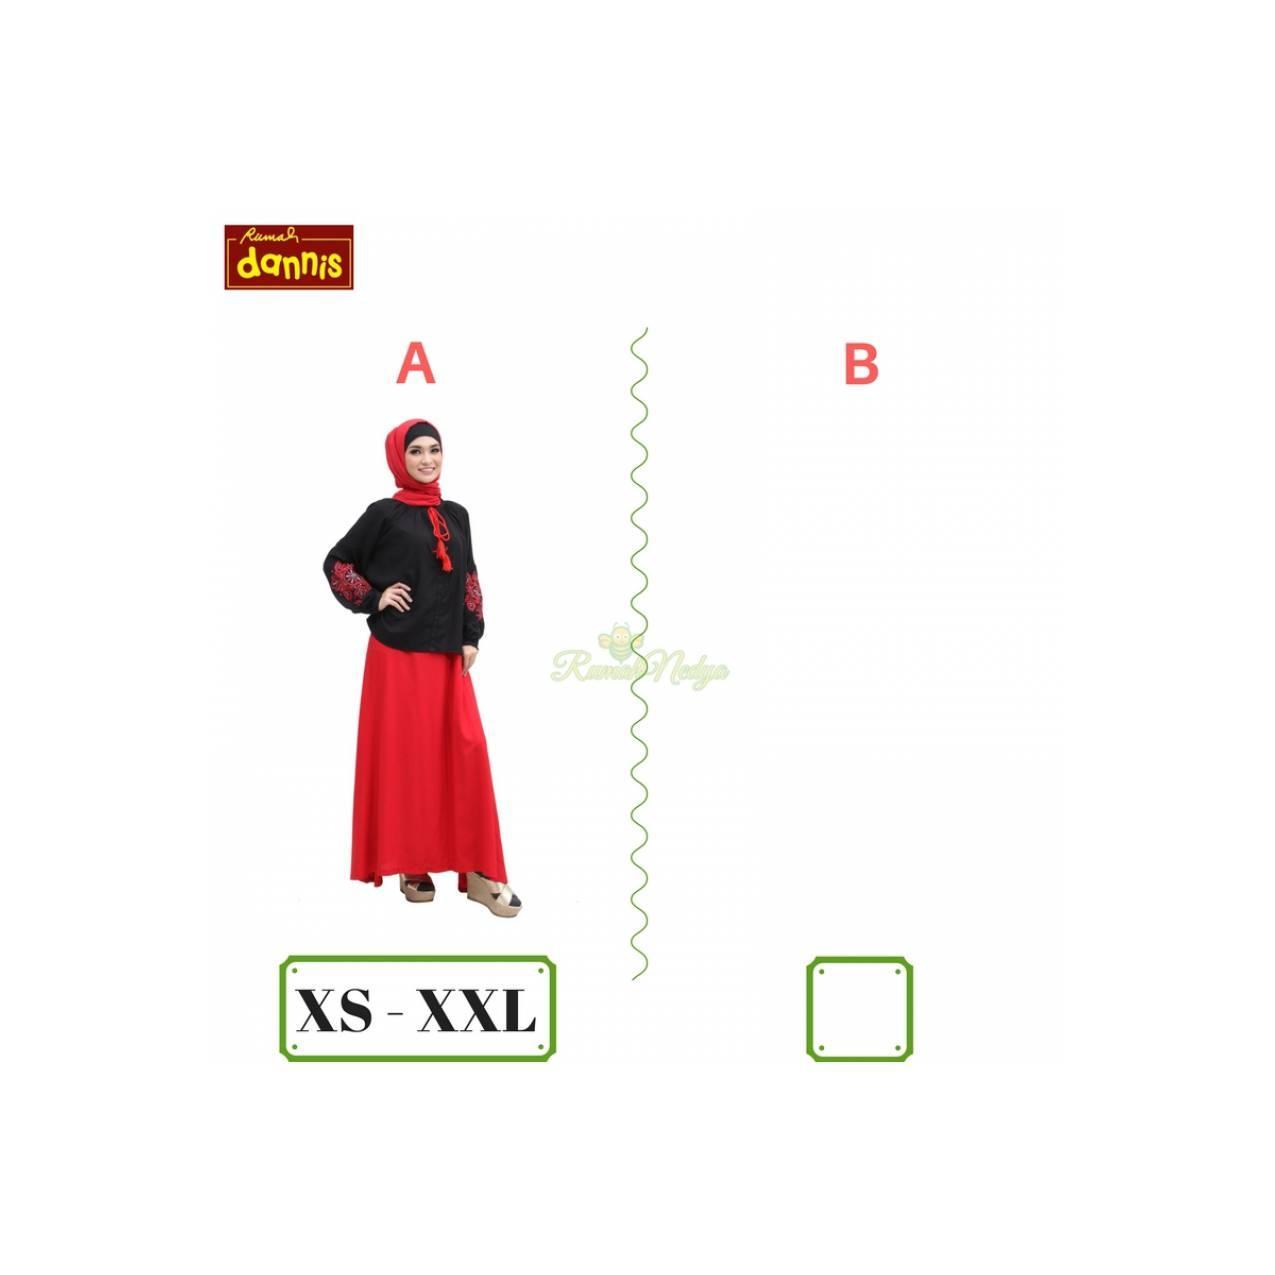 Gamis DANNIS 379rb / Abaya / Setelan / Baju Muslim